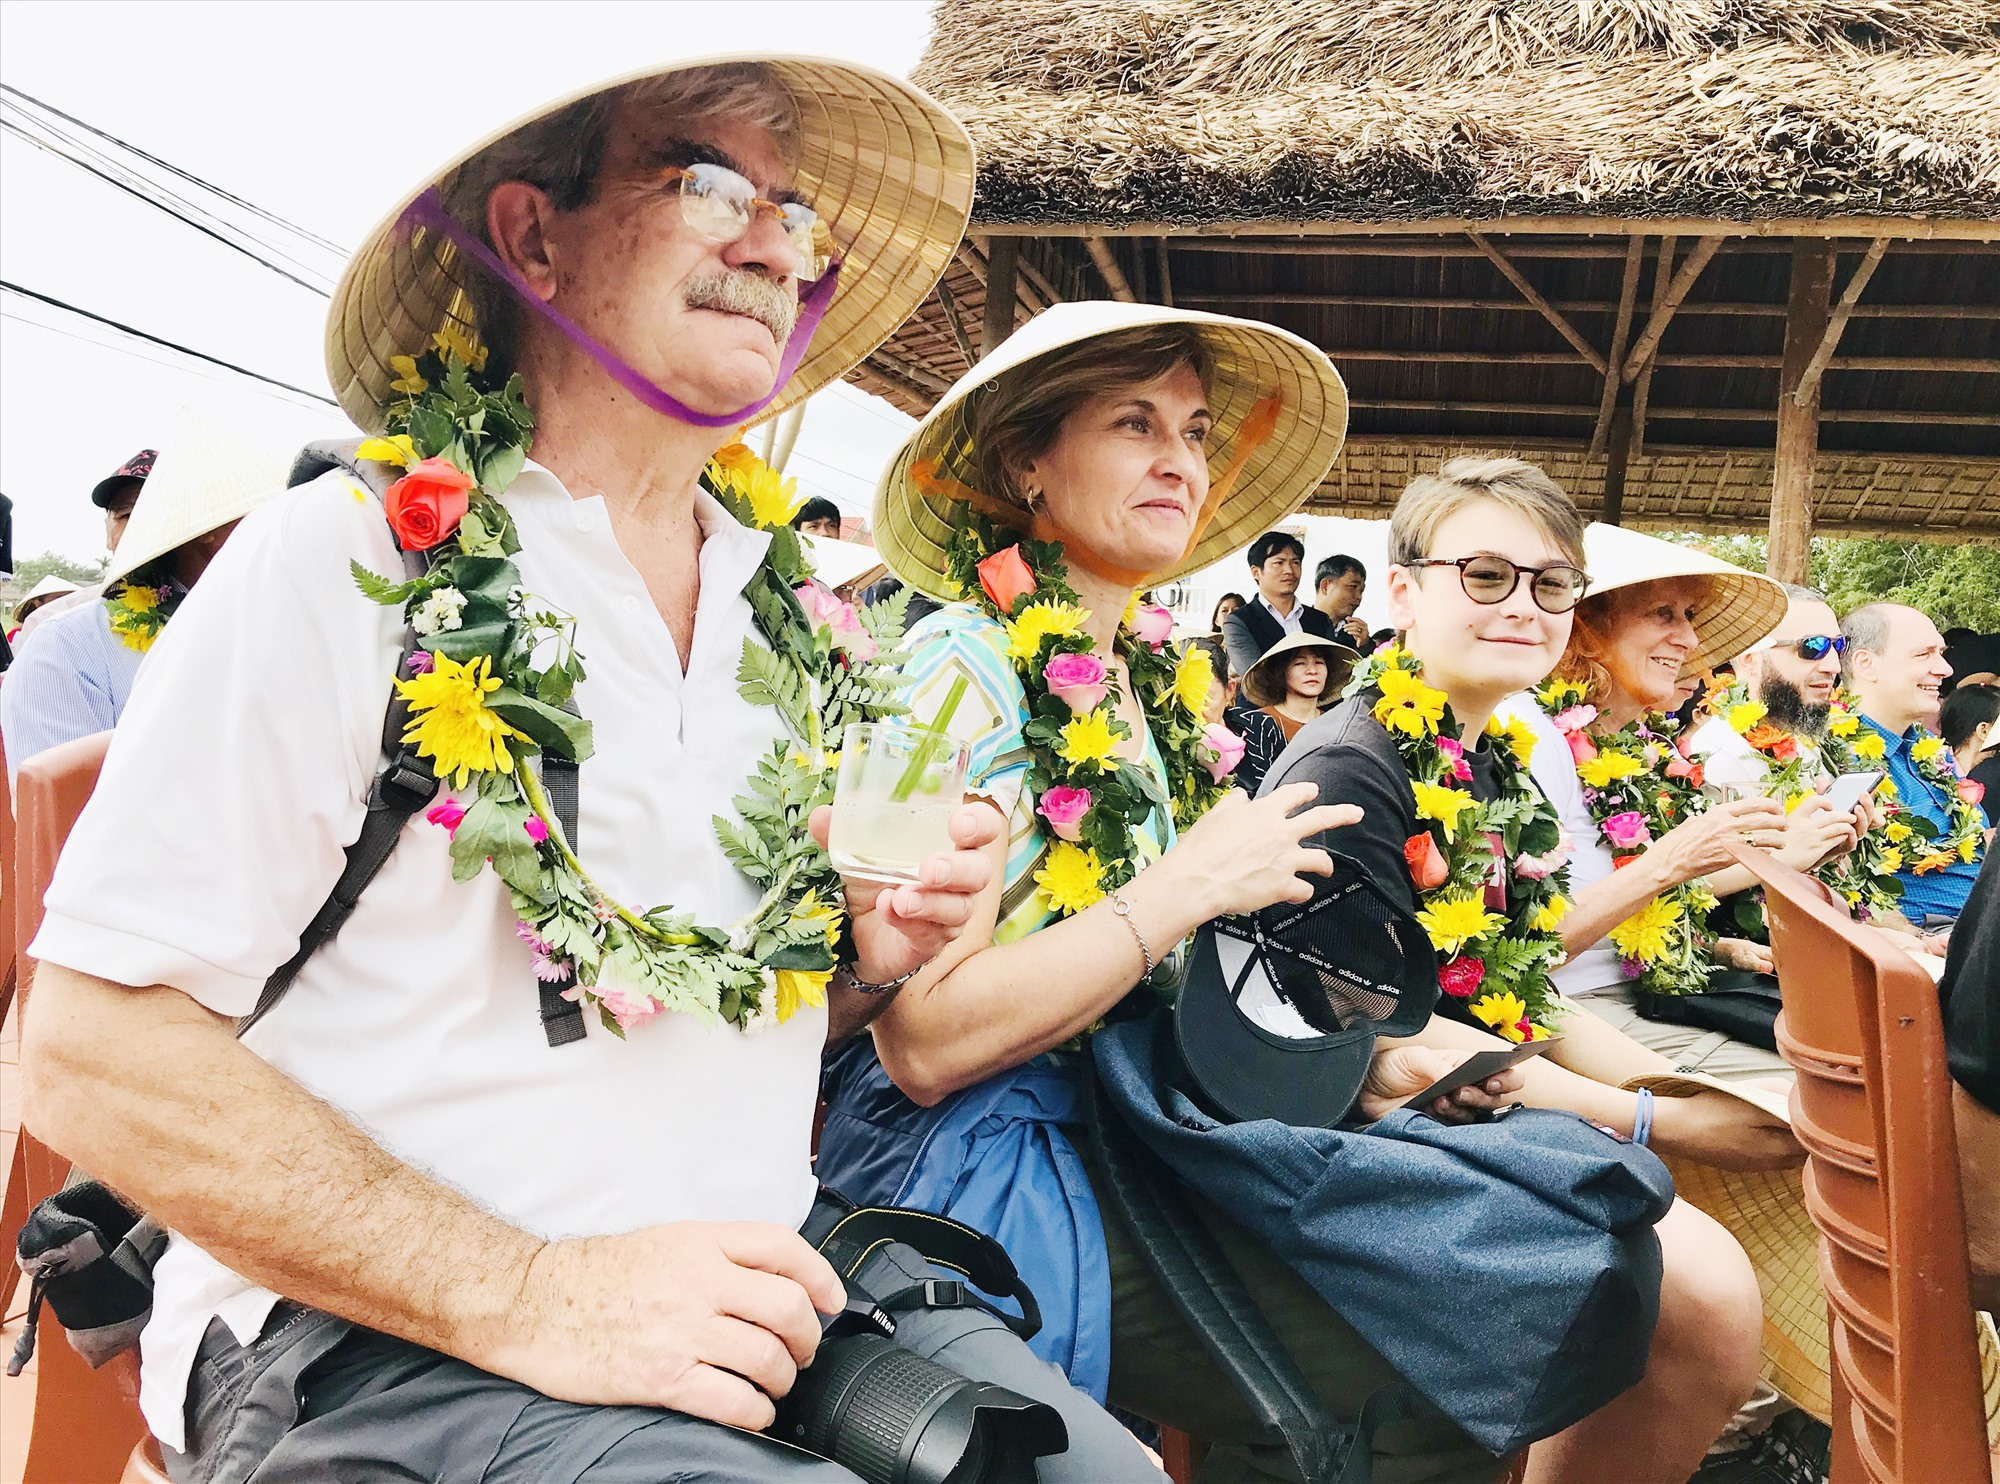 Ngành du lịch Quảng Nam sẽ đa dạng hóa trong việc xúc tiến quảng bá ở các thị trường quốc tế để giảm thiểu bị động từ dịch bệnh cũng như sự bão hòa dòng khách. Ảnh: Q.T